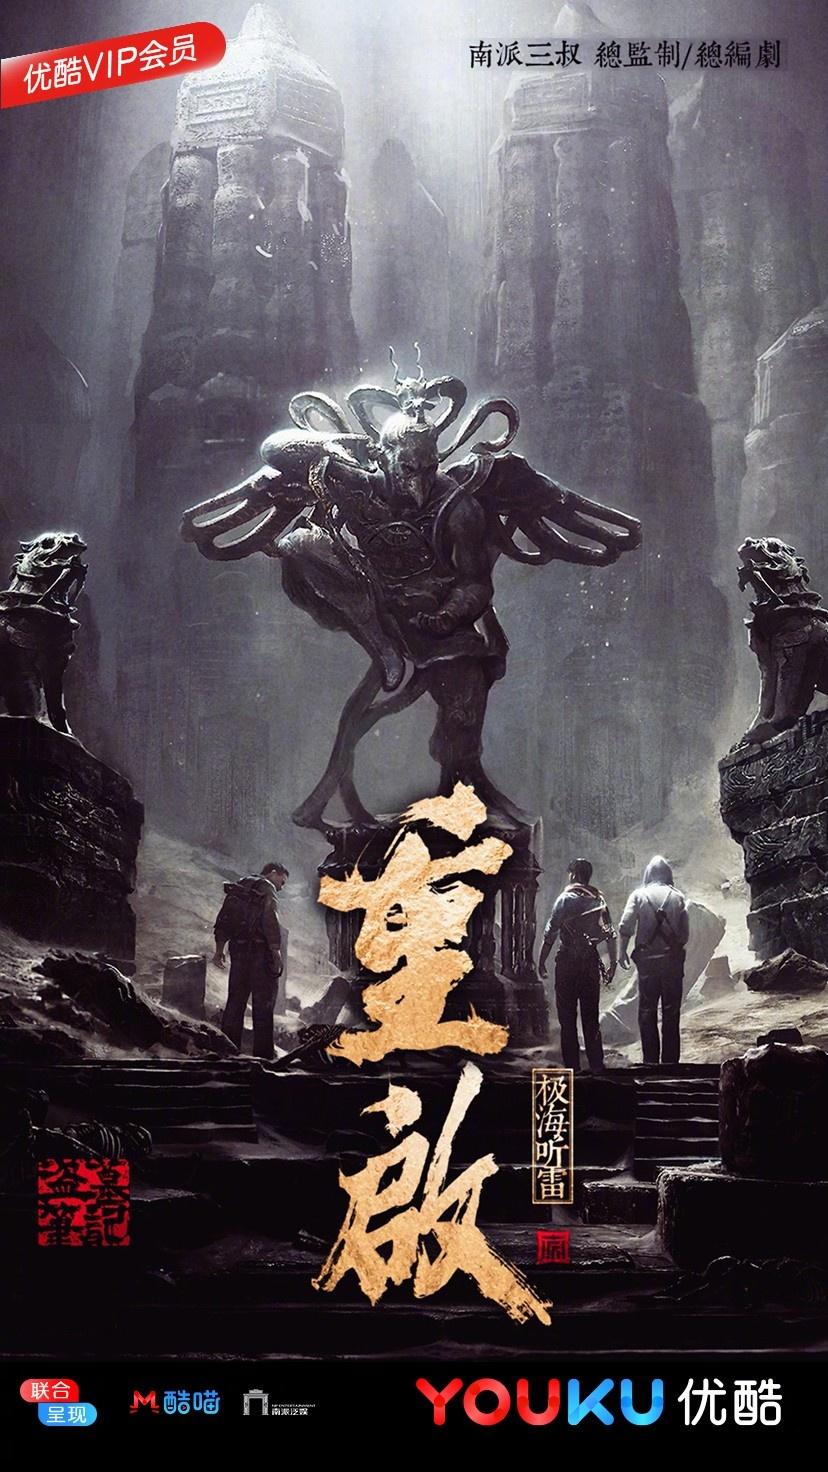 """人物""""张起灵""""有望由新版《流星花园》中""""道明寺""""的饰演者王鹤棣出演"""